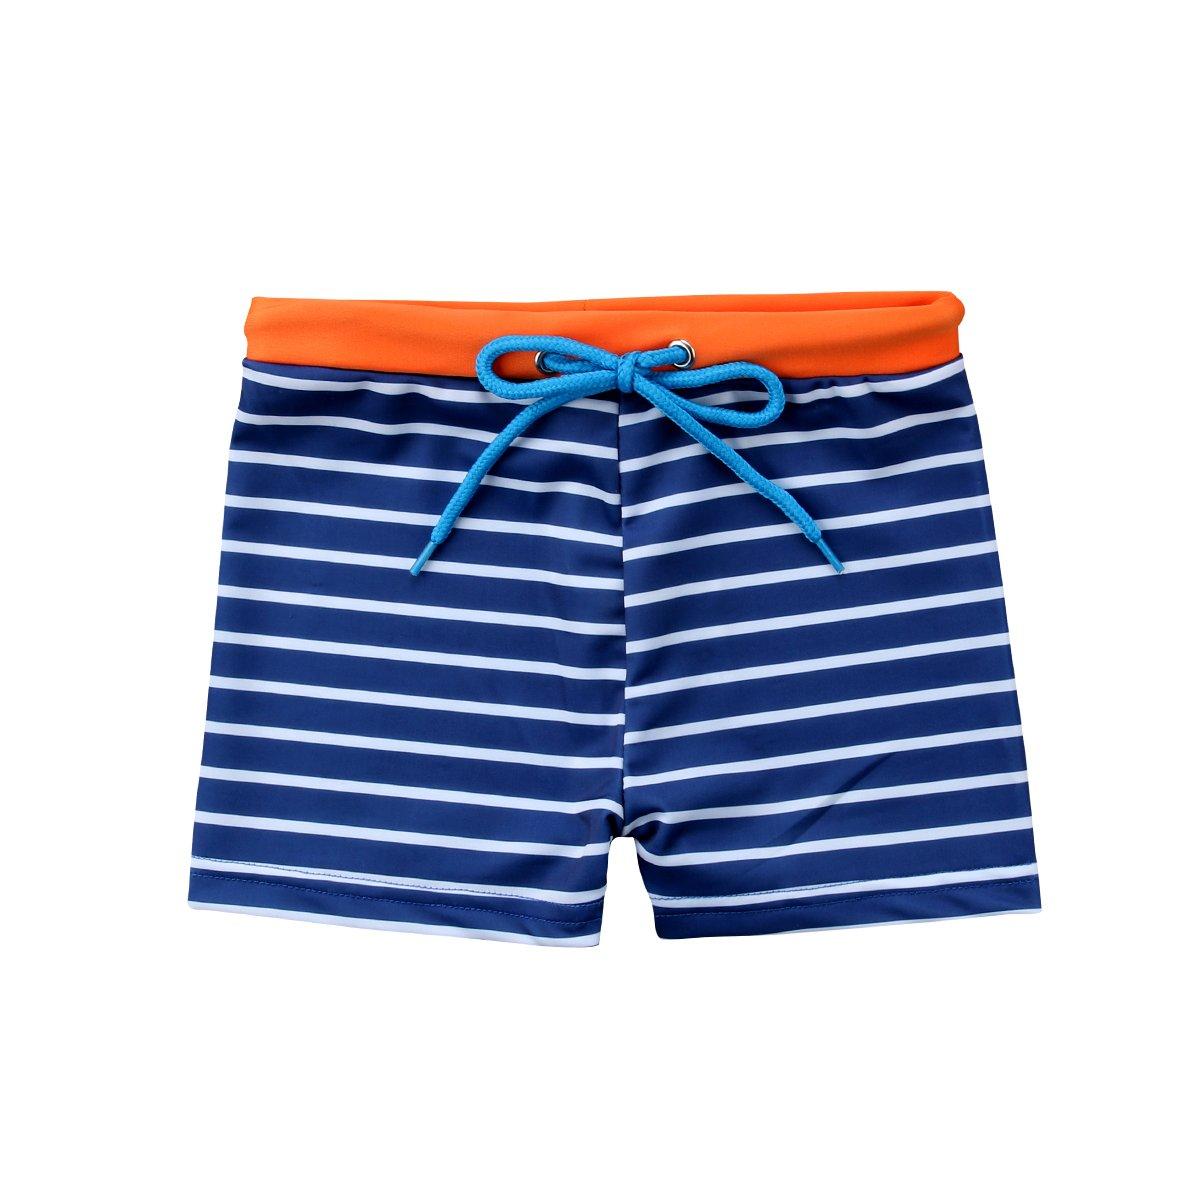 ITFABS Baby Boy Swim Trunks Cute Shark Swim Shorts Kids Boys Stripes Swimwear Bathing Suit Swimming Pants Beach Wear for Boys